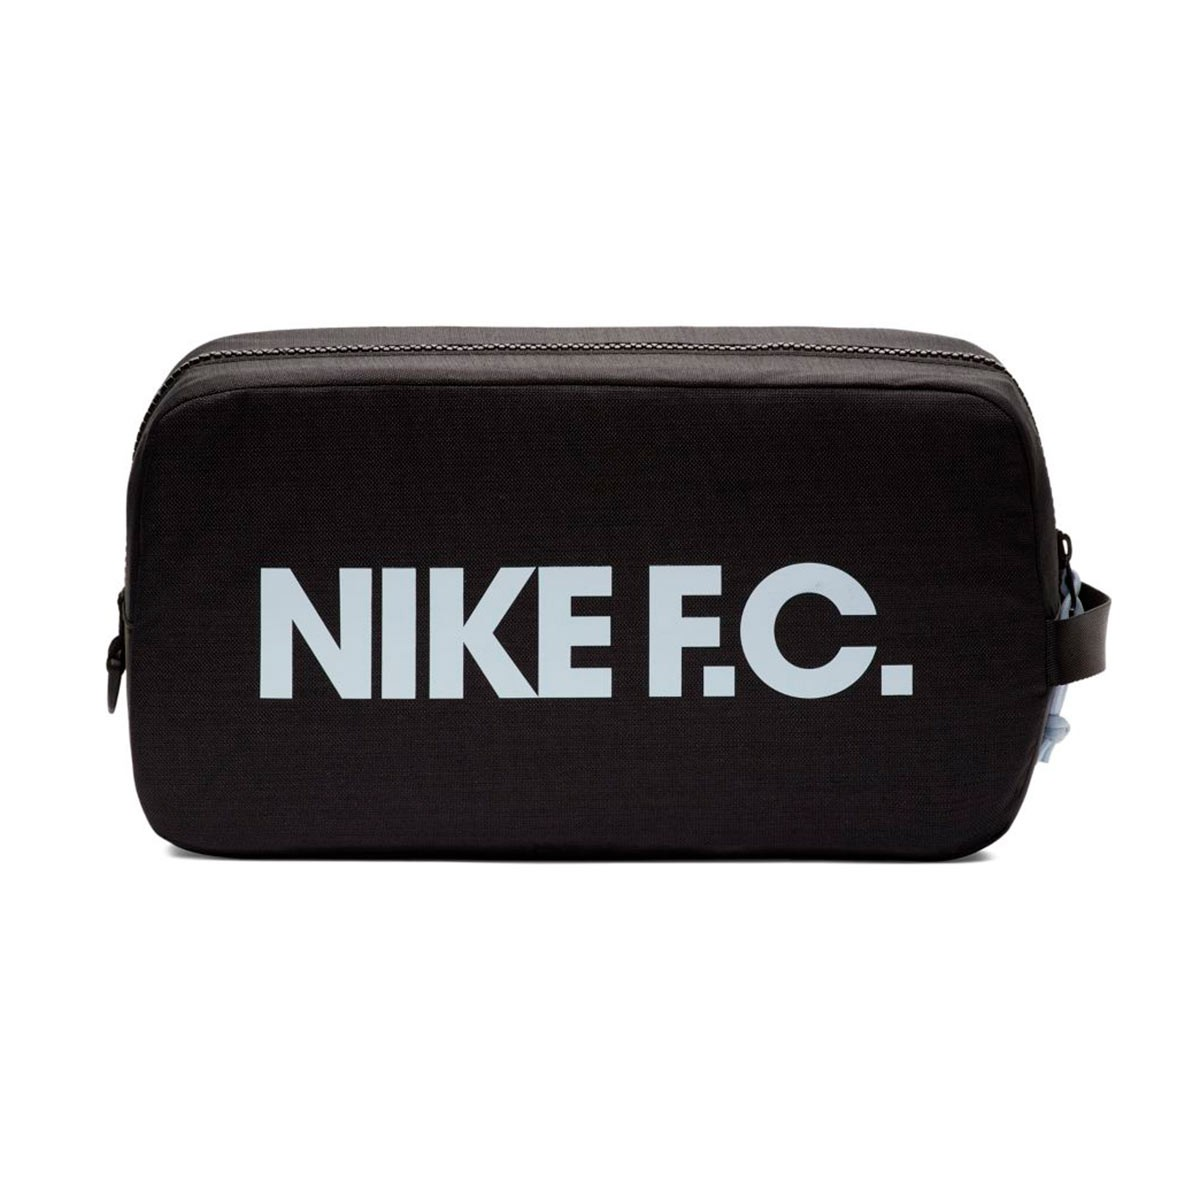 Universidad Brutal Disciplina  Zapatillero Nike Academy Black-Half blue - Tienda de fútbol Fútbol Emotion